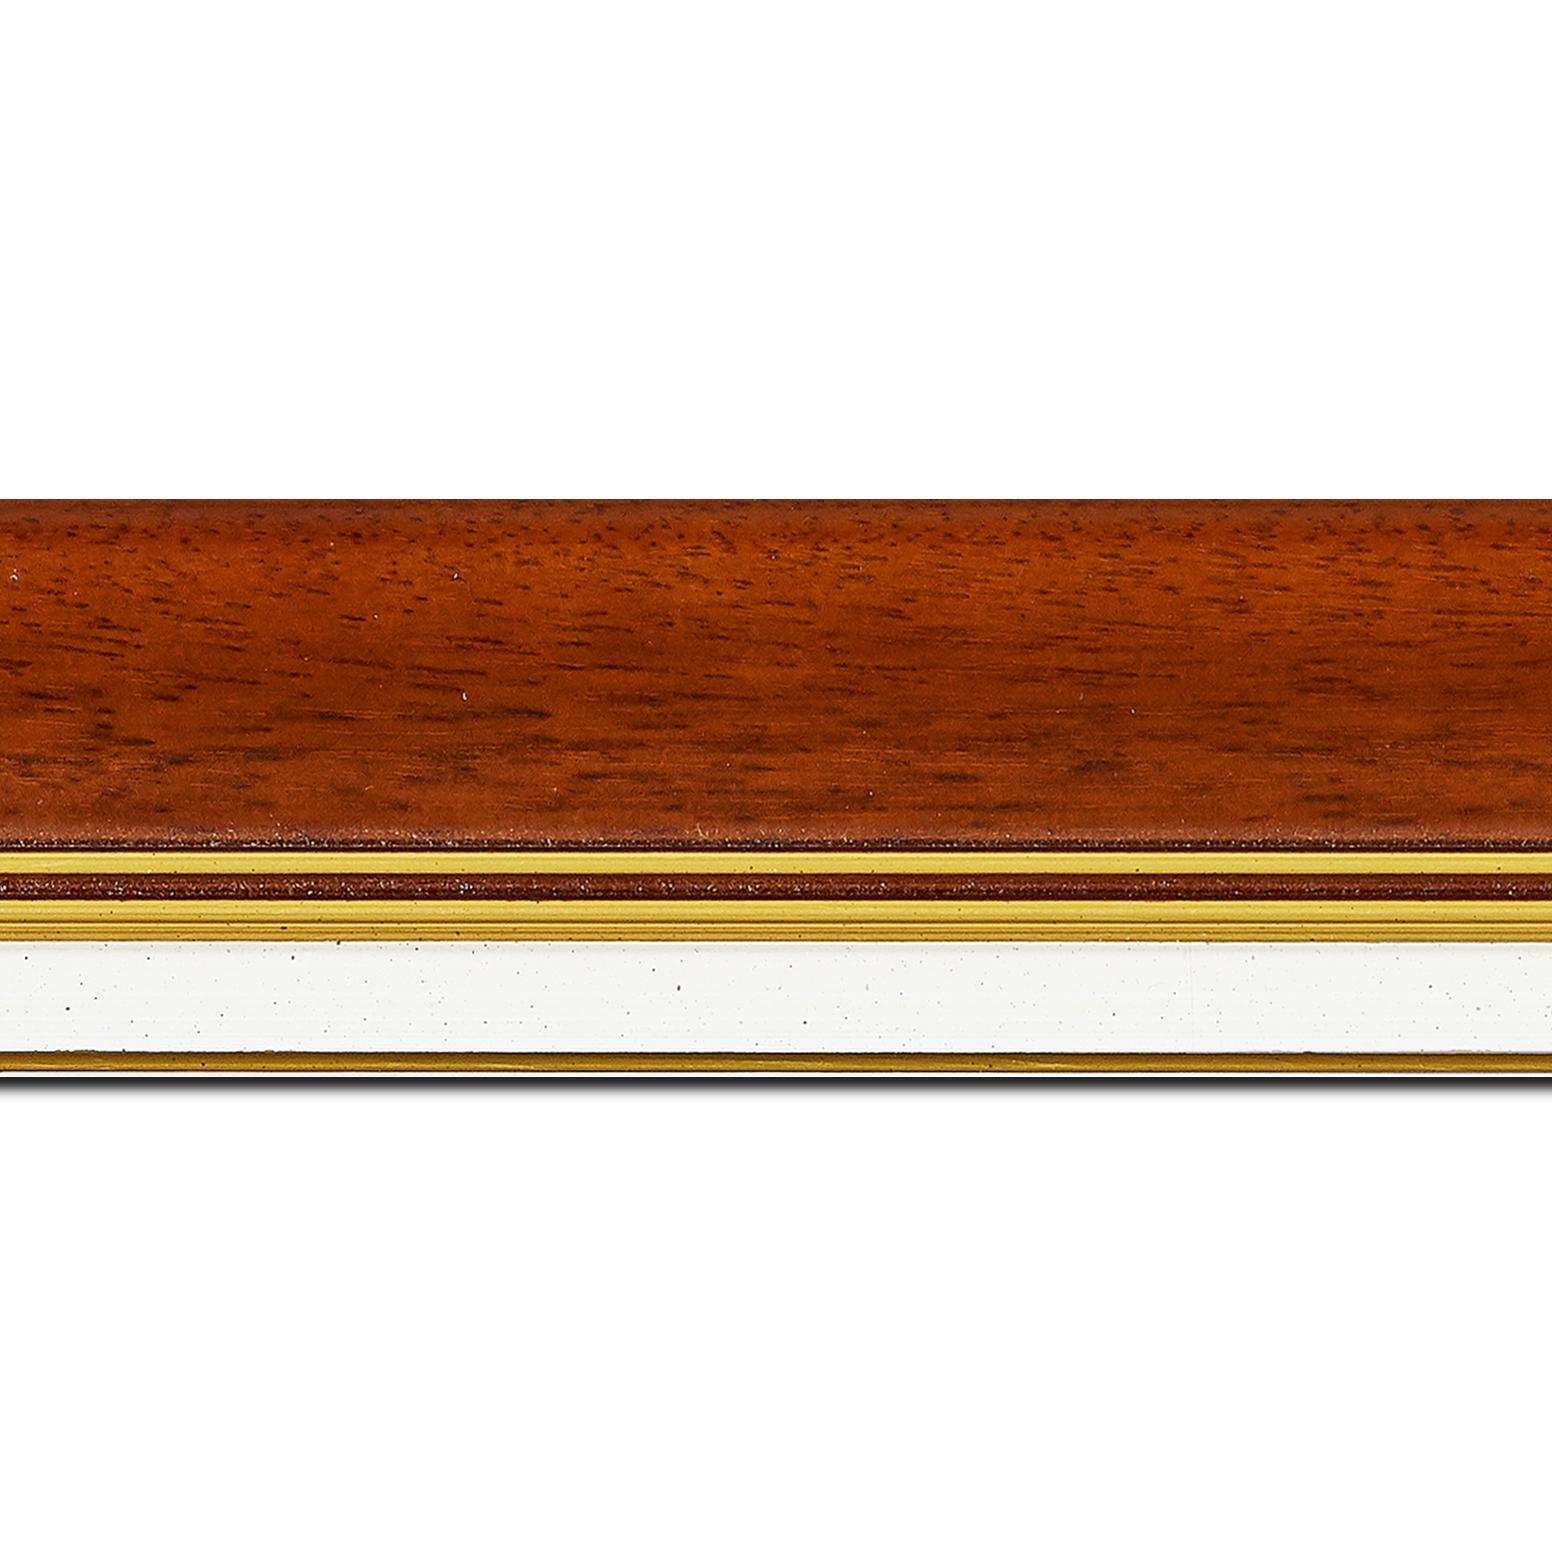 Pack par 12m, bois profil incurvé largeur 5.7cm de couleur marron ton bois marie louise blanche mouchetée filet or intégré(longueur baguette pouvant varier entre 2.40m et 3m selon arrivage des bois)